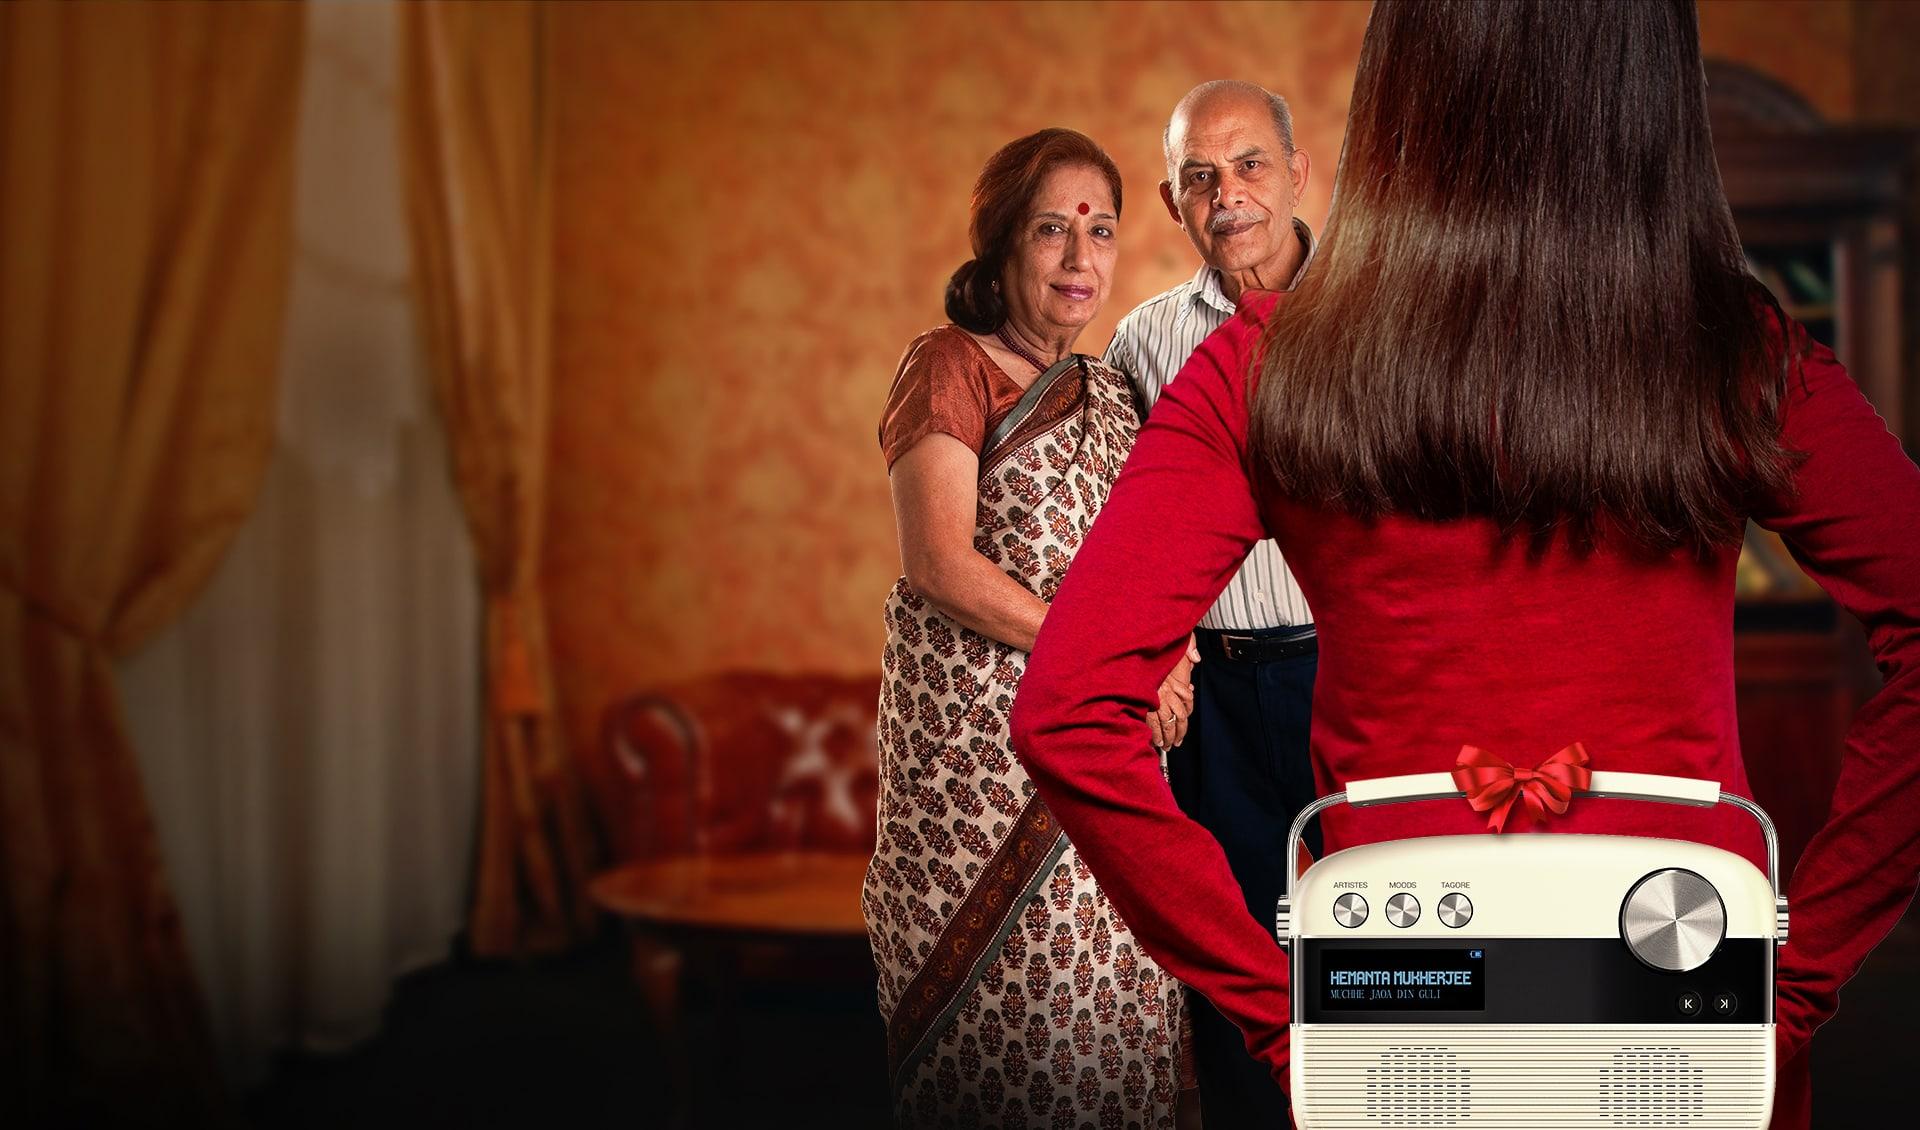 daughter gifting saregama carvaan to parents